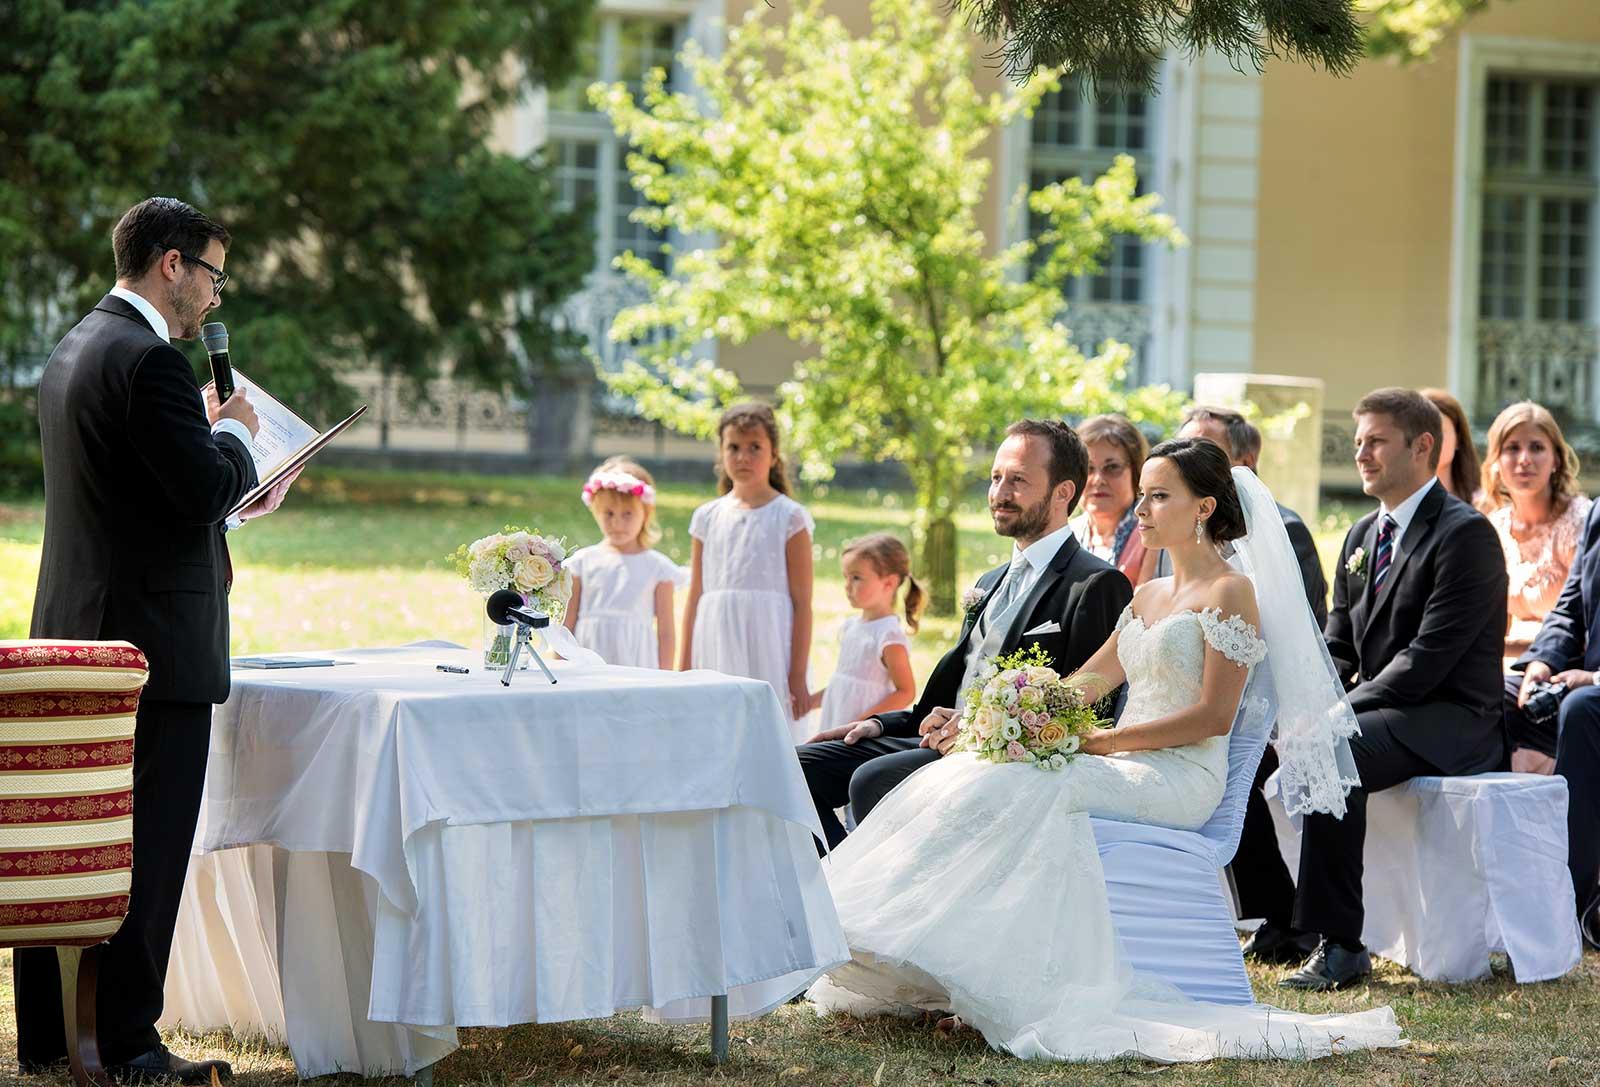 18 svatebni foto svatebni obrad gmunden svatebni fotograf ales motejl jihocesky kraj